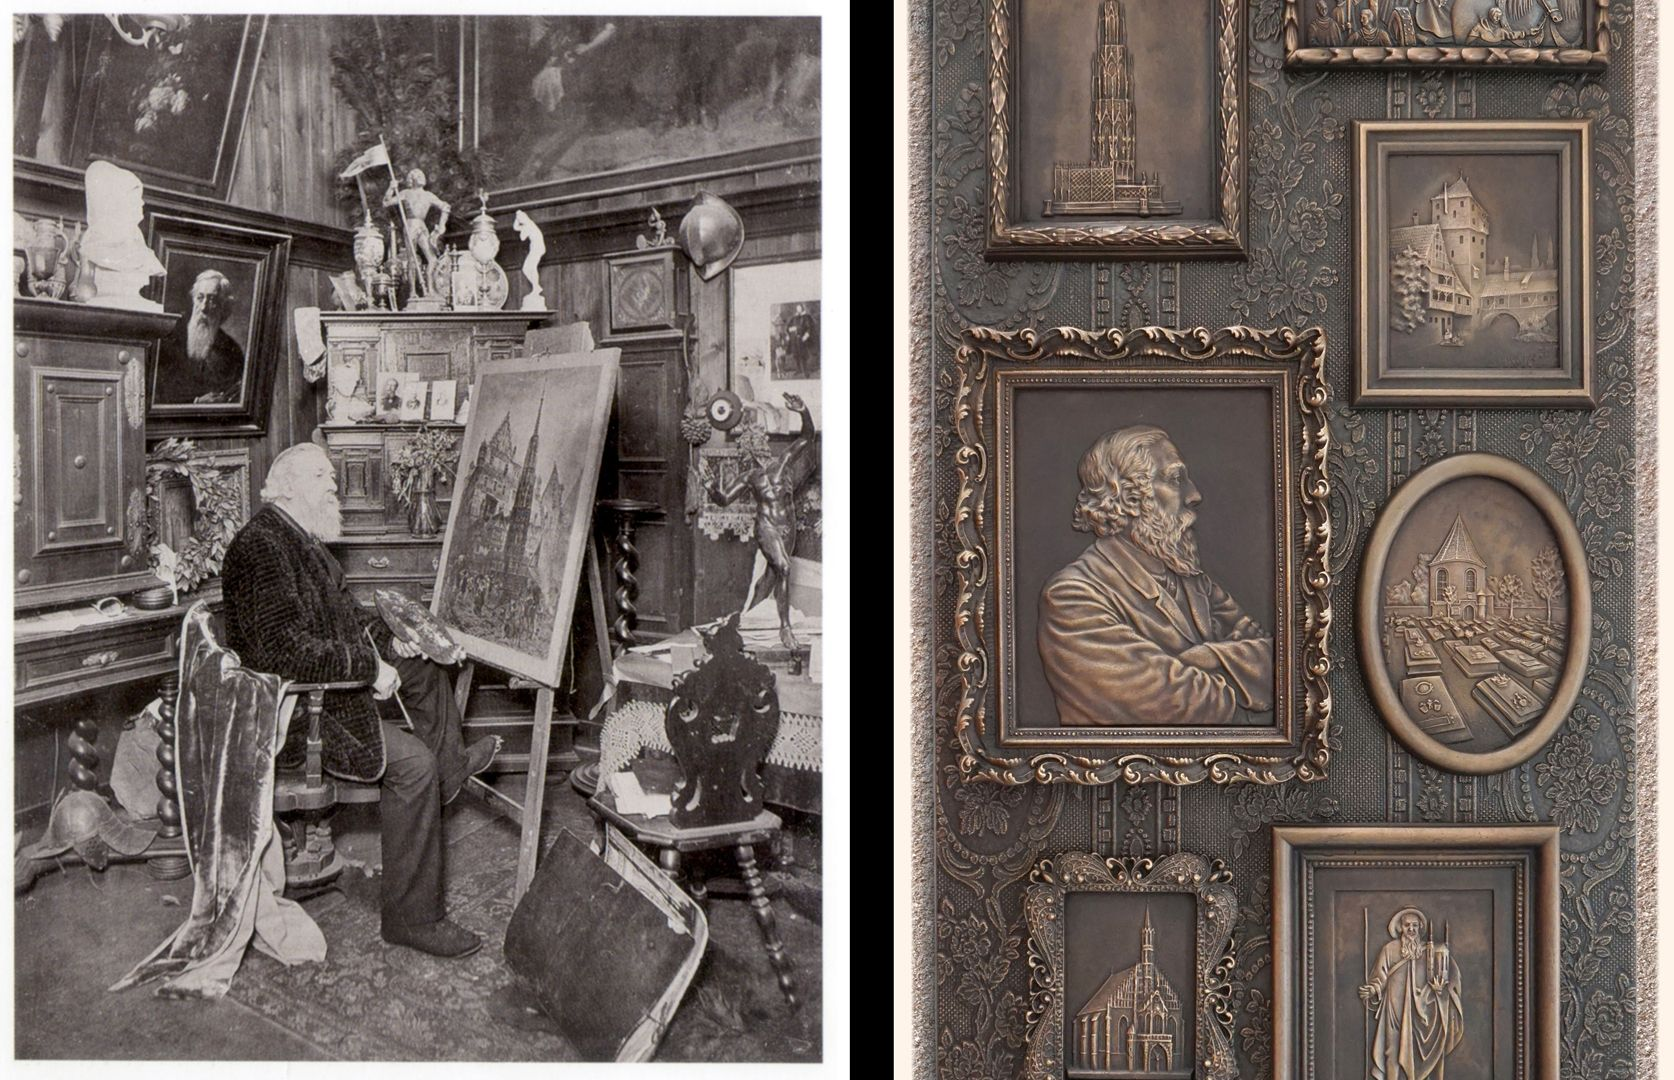 Paul Ritter Grabstätte Paul Ritter in seinem Atelier und Detailansicht des Epitaphs